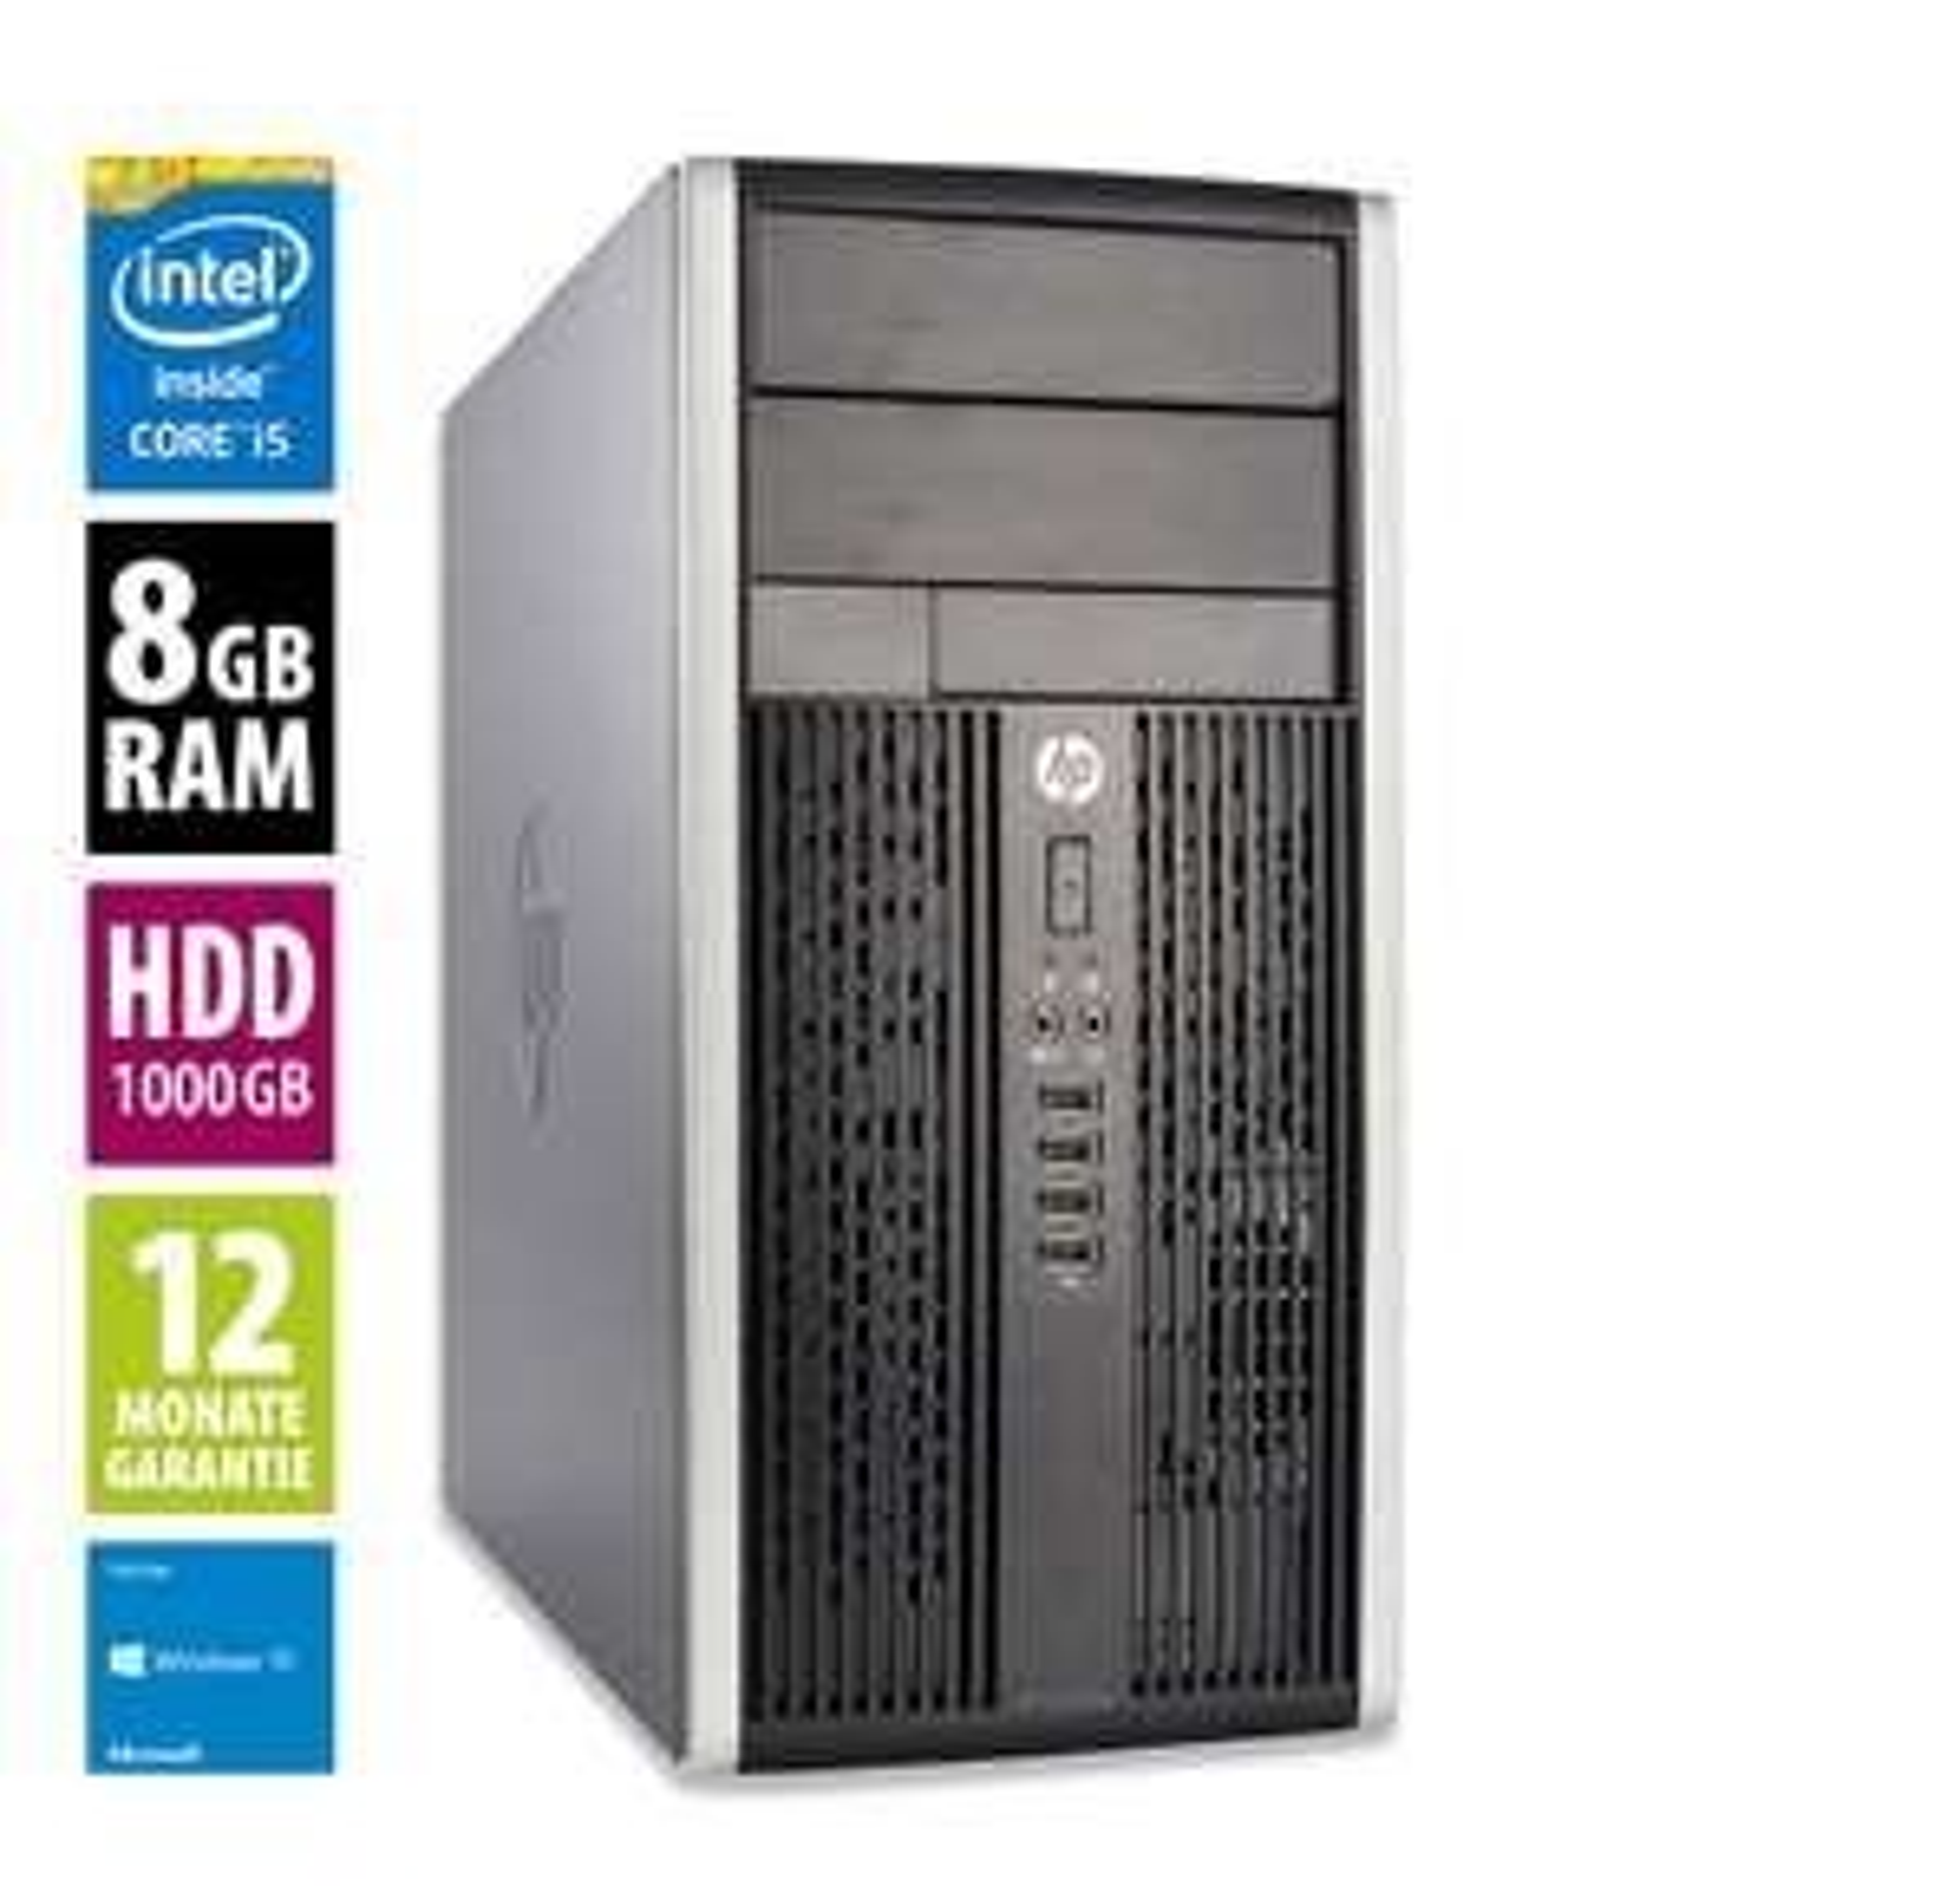 PC HP Compaq Pro 6300 MT - Core i5-3470 3.4 ghz, 8Go de ram, Disque Dur 1To Windows 10 Famille (Reconditionné)